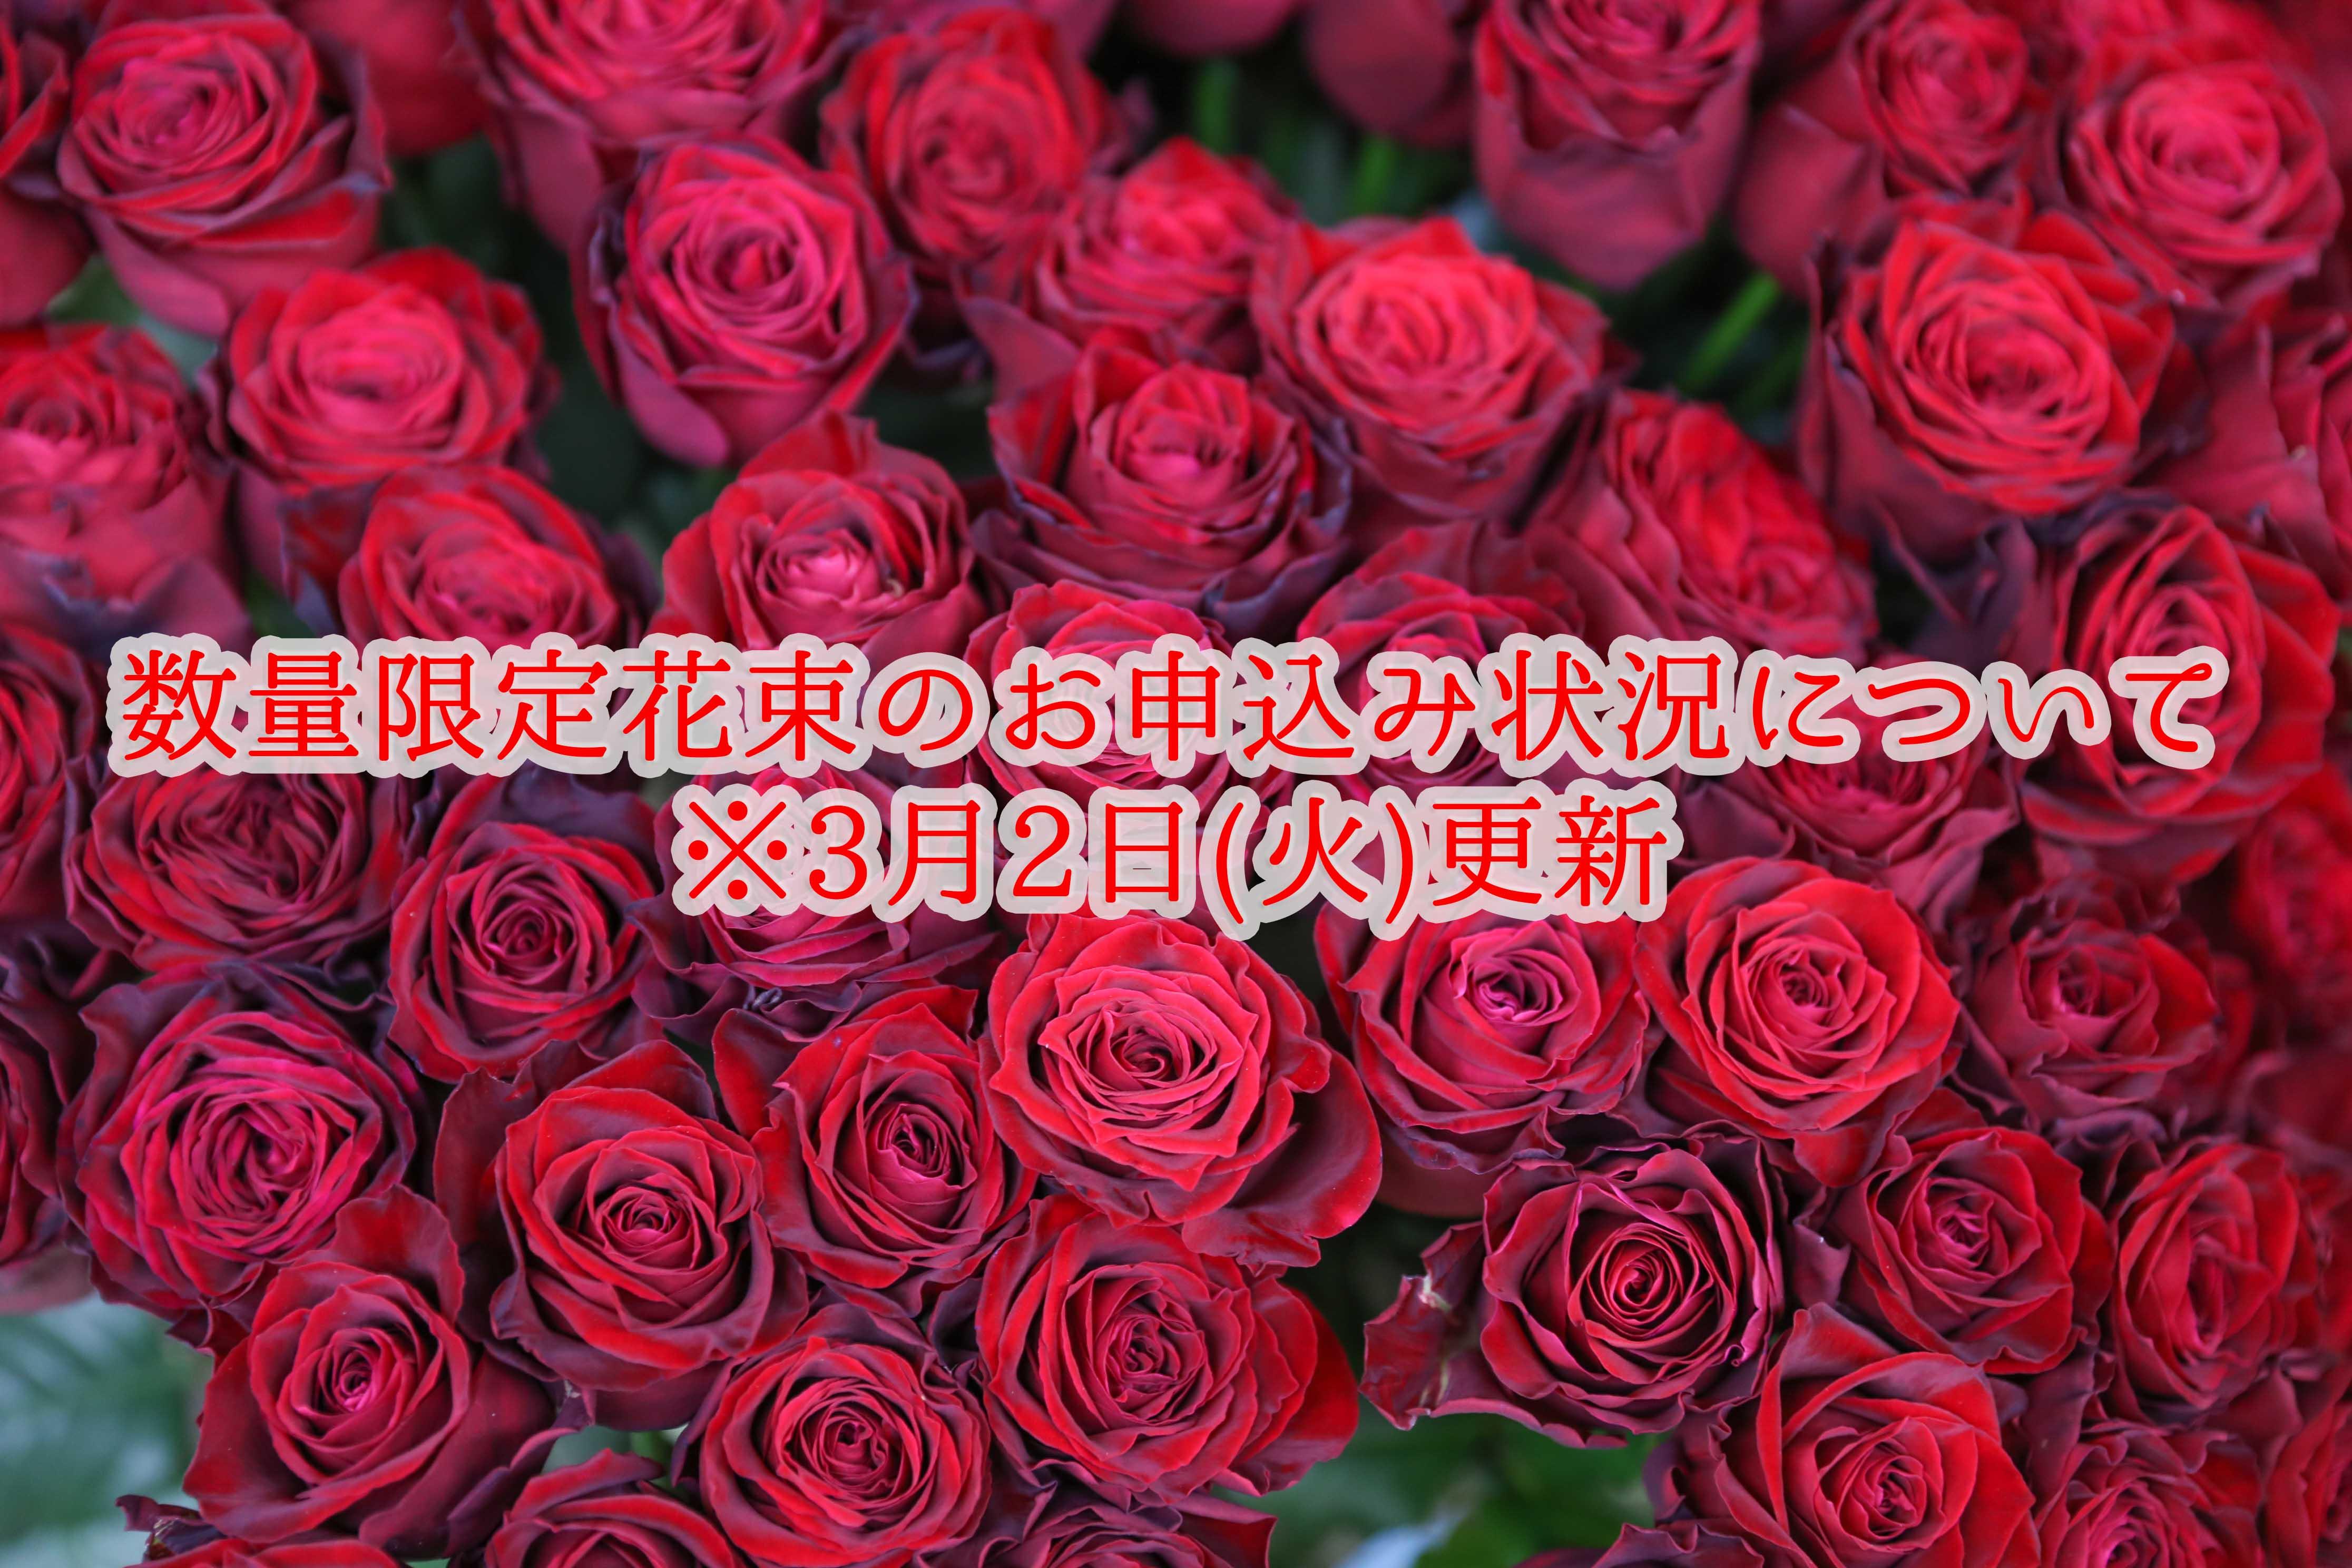 【3月2日(火)更新】 ◆数量限定花束のお申込み状況について◆